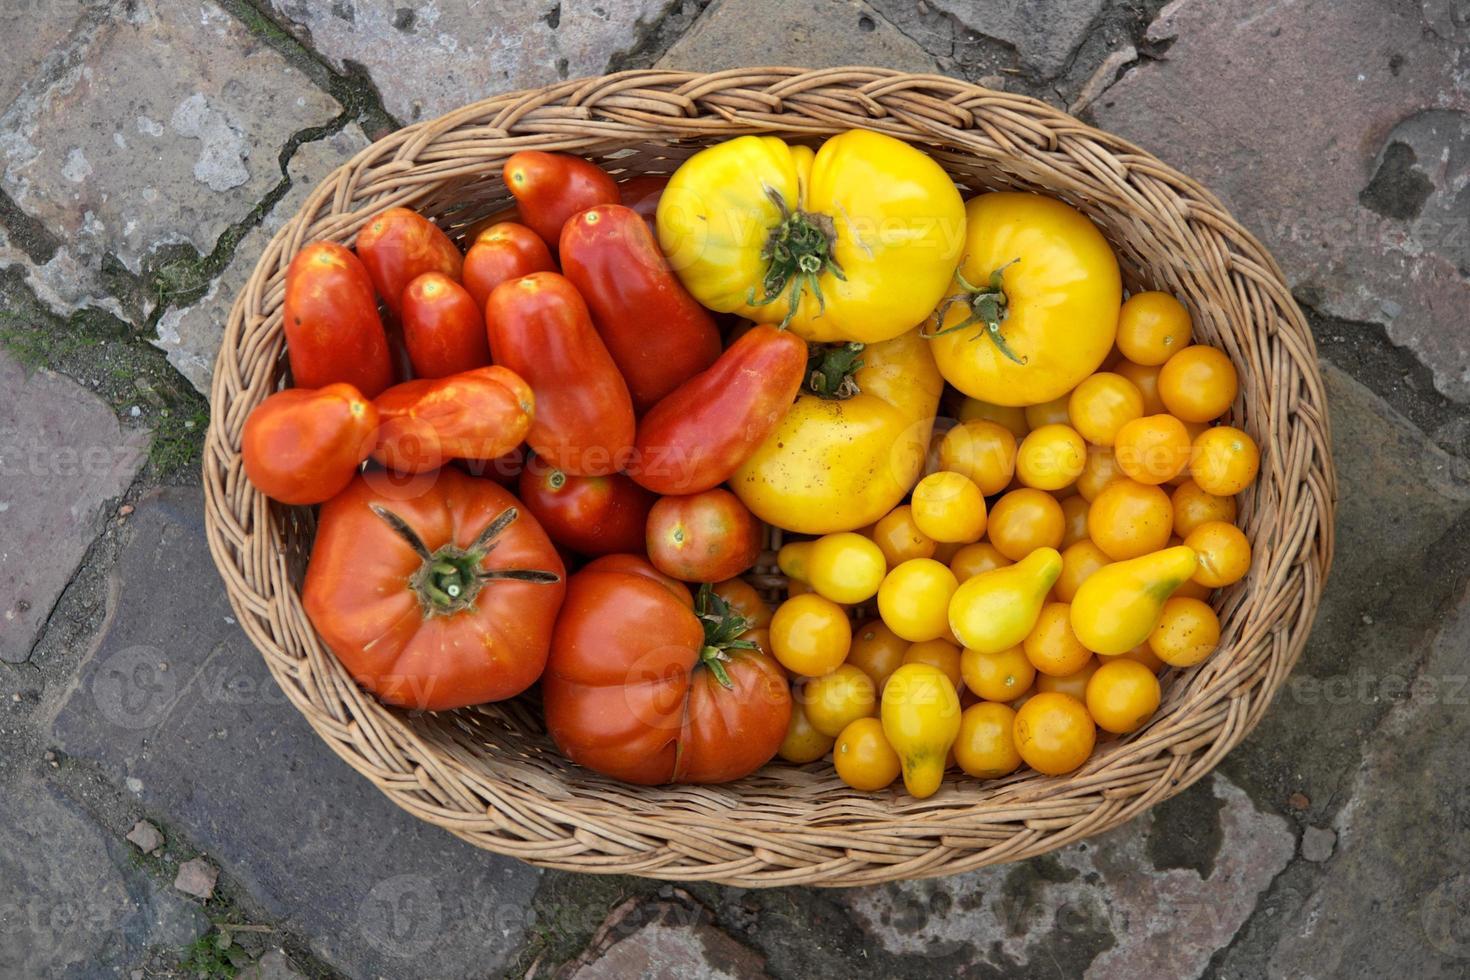 cesta cheia de tomates frescos foto